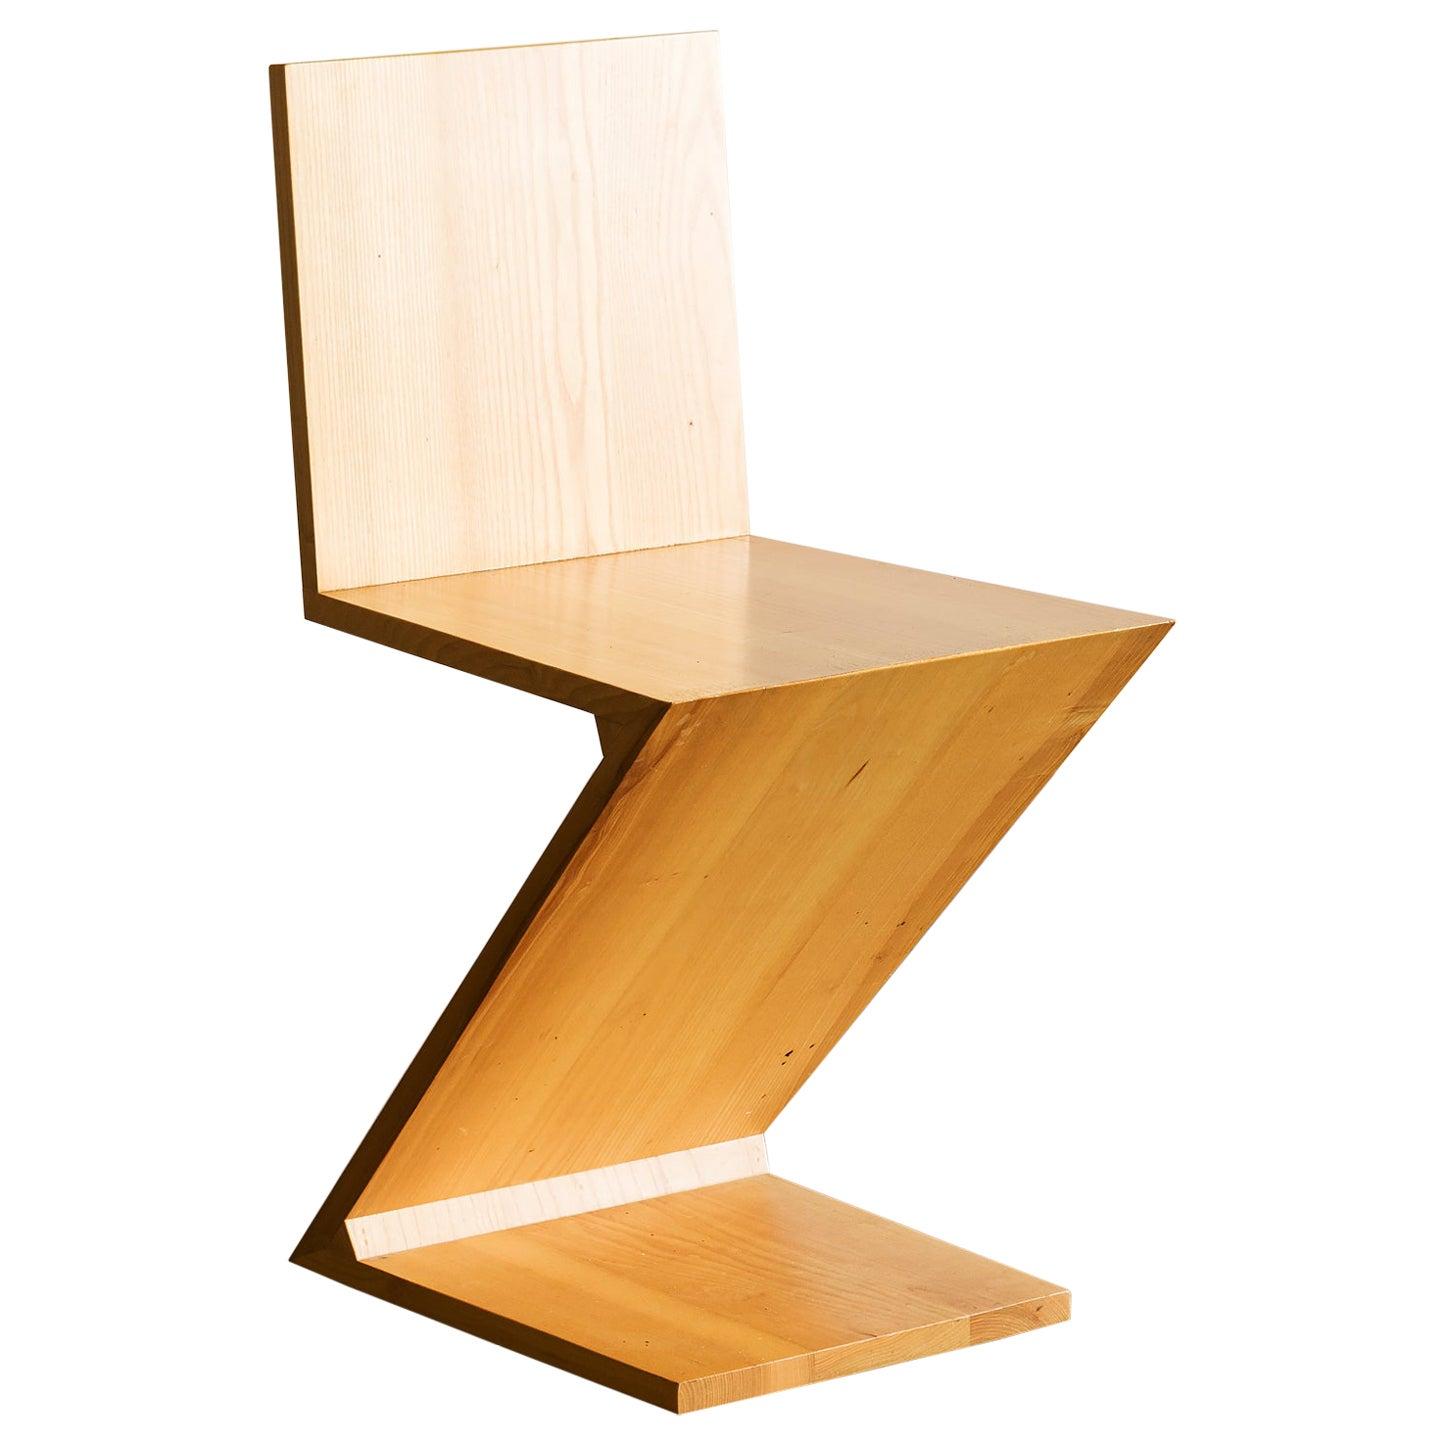 Gerrit Rietveld Zig Zag Chair for Cassina, 1980s